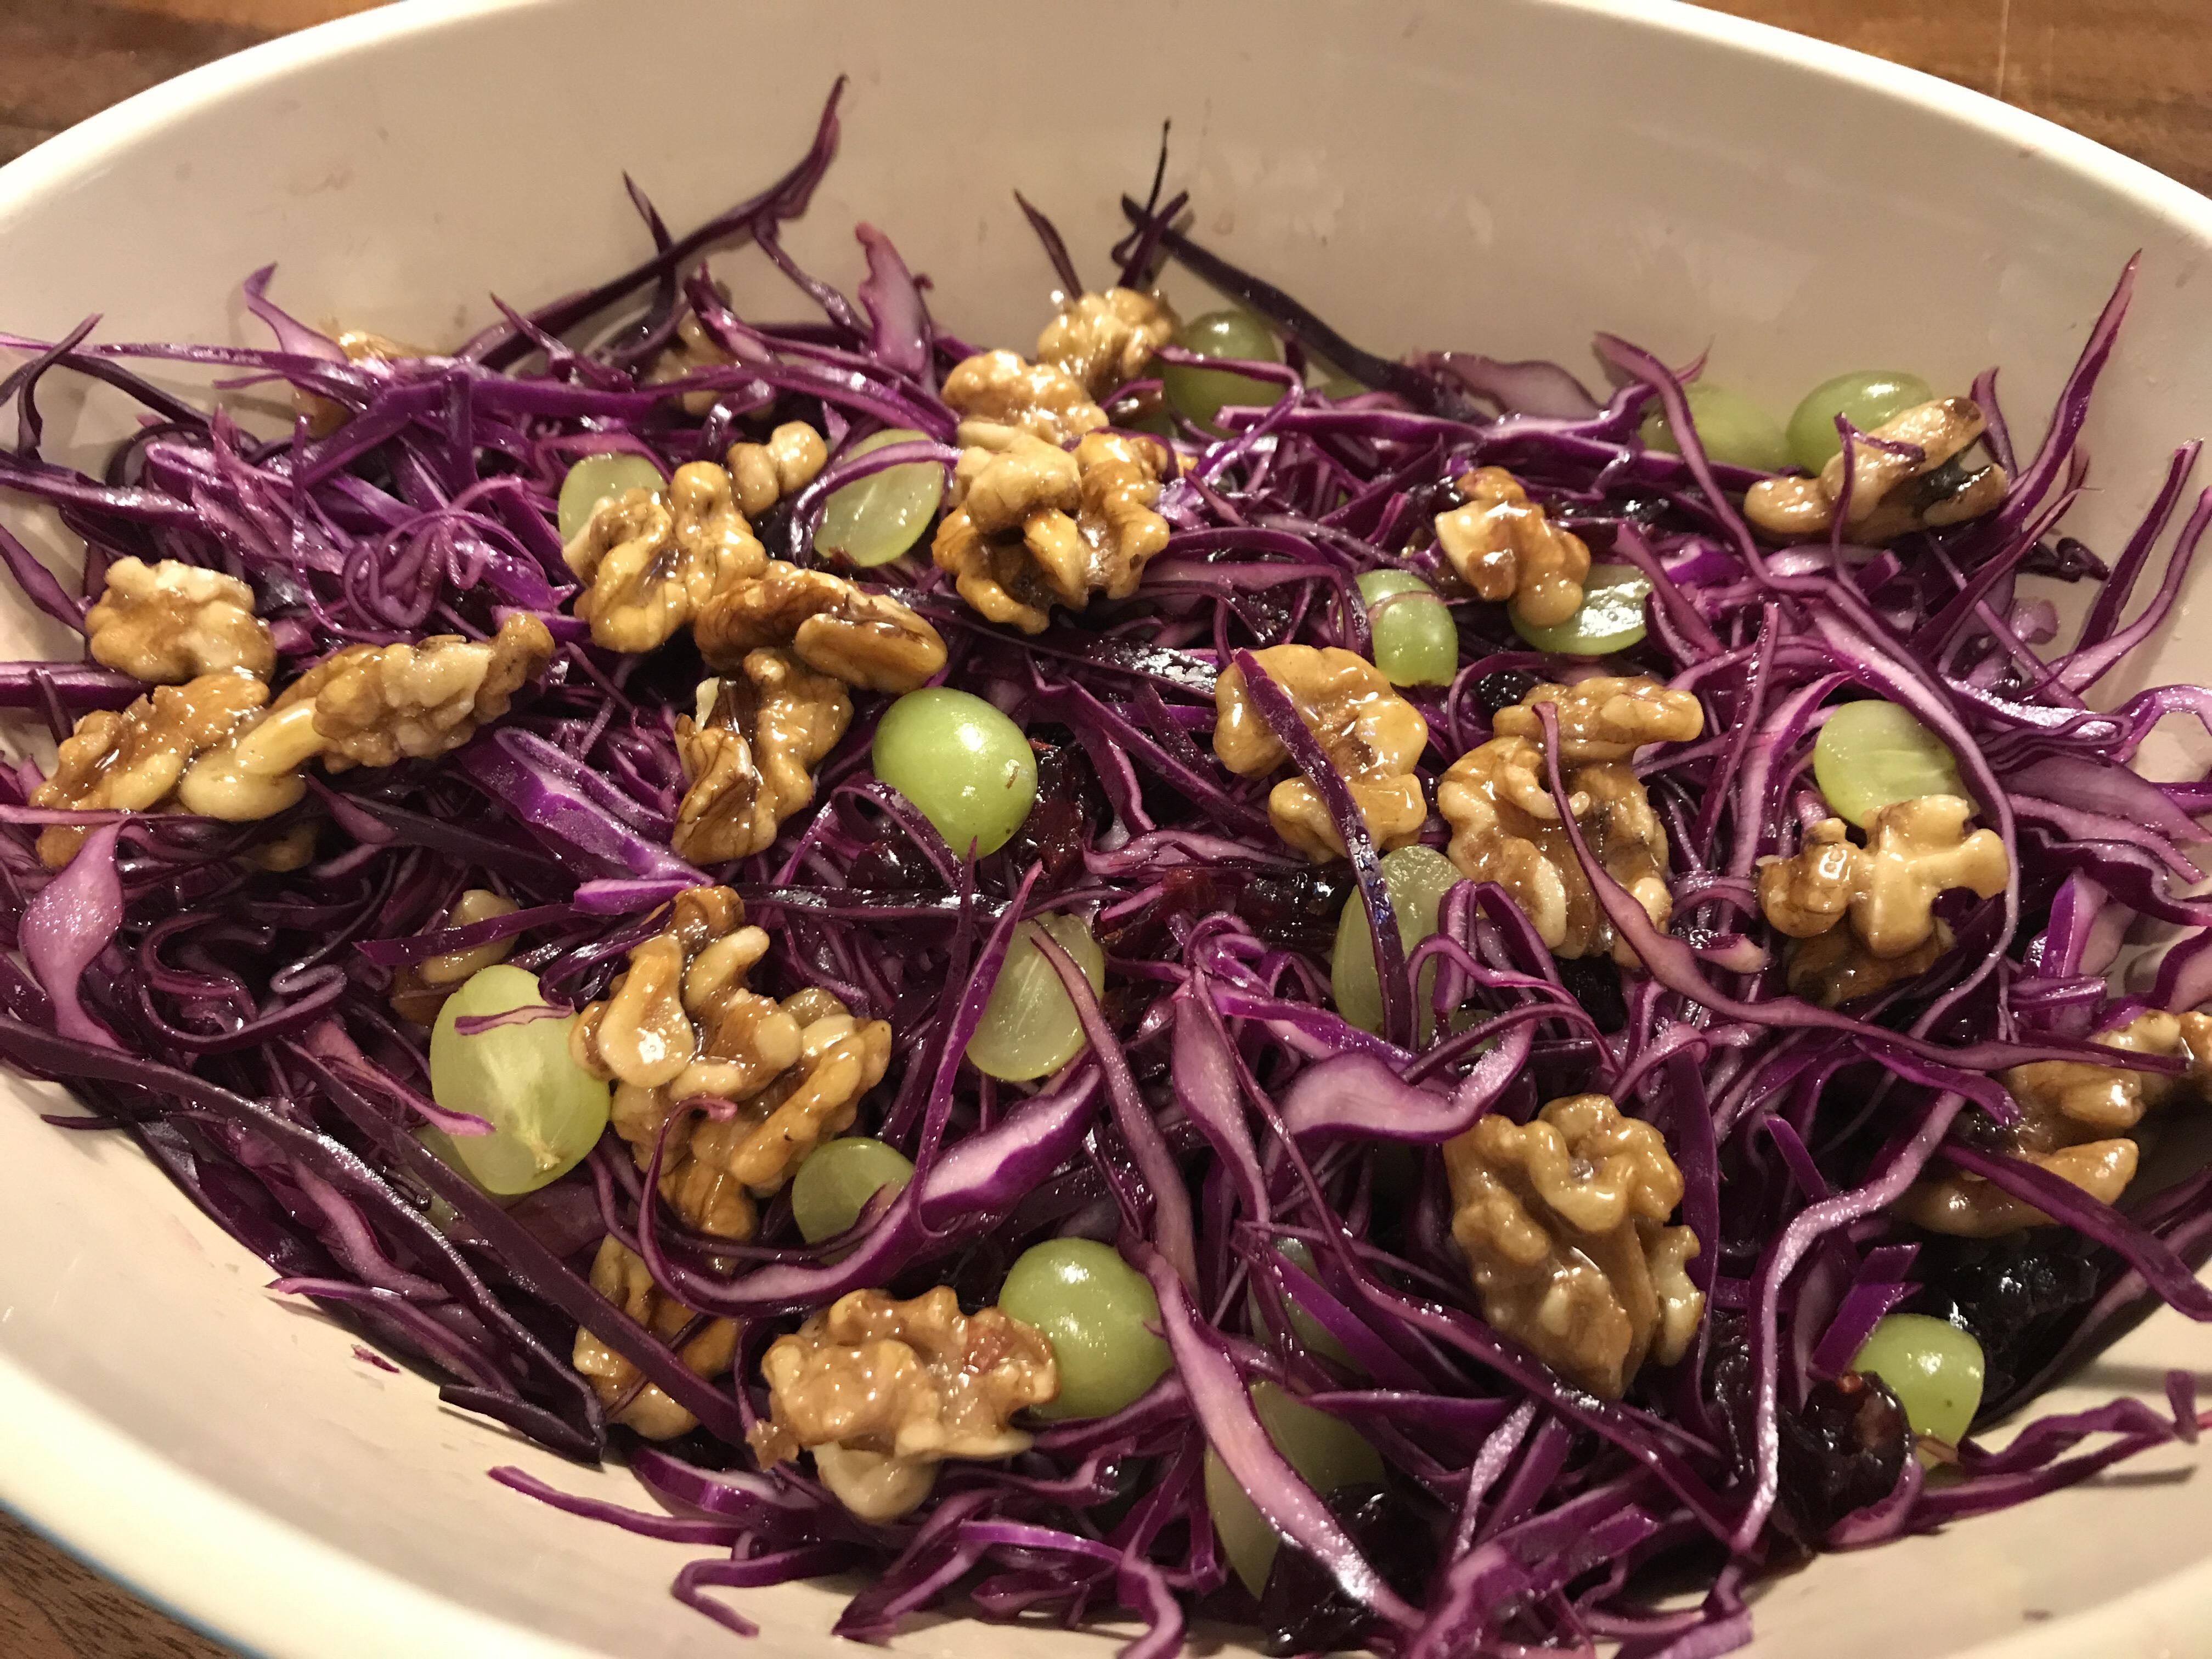 Rødkåls salat med honning ristede valnødder og vindruer